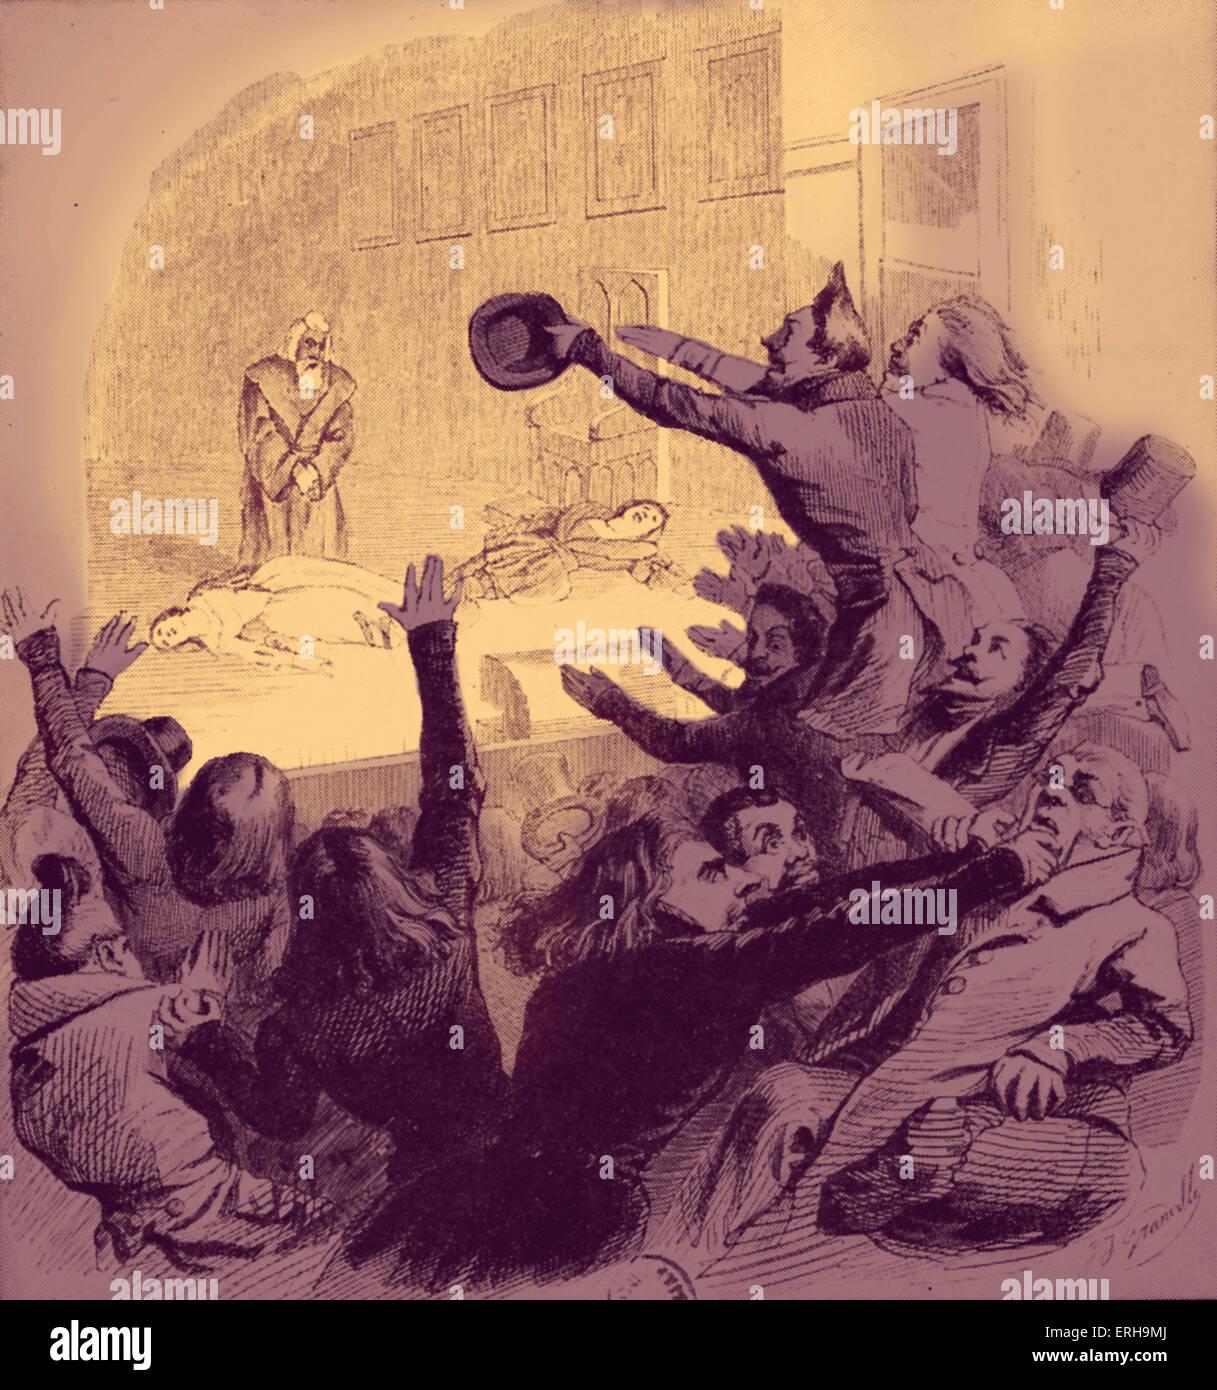 Premiere di Victor Hugo 's Hernani. La caricatura del tempo. Illustrazione che mostra il gioco della ricezione Immagini Stock